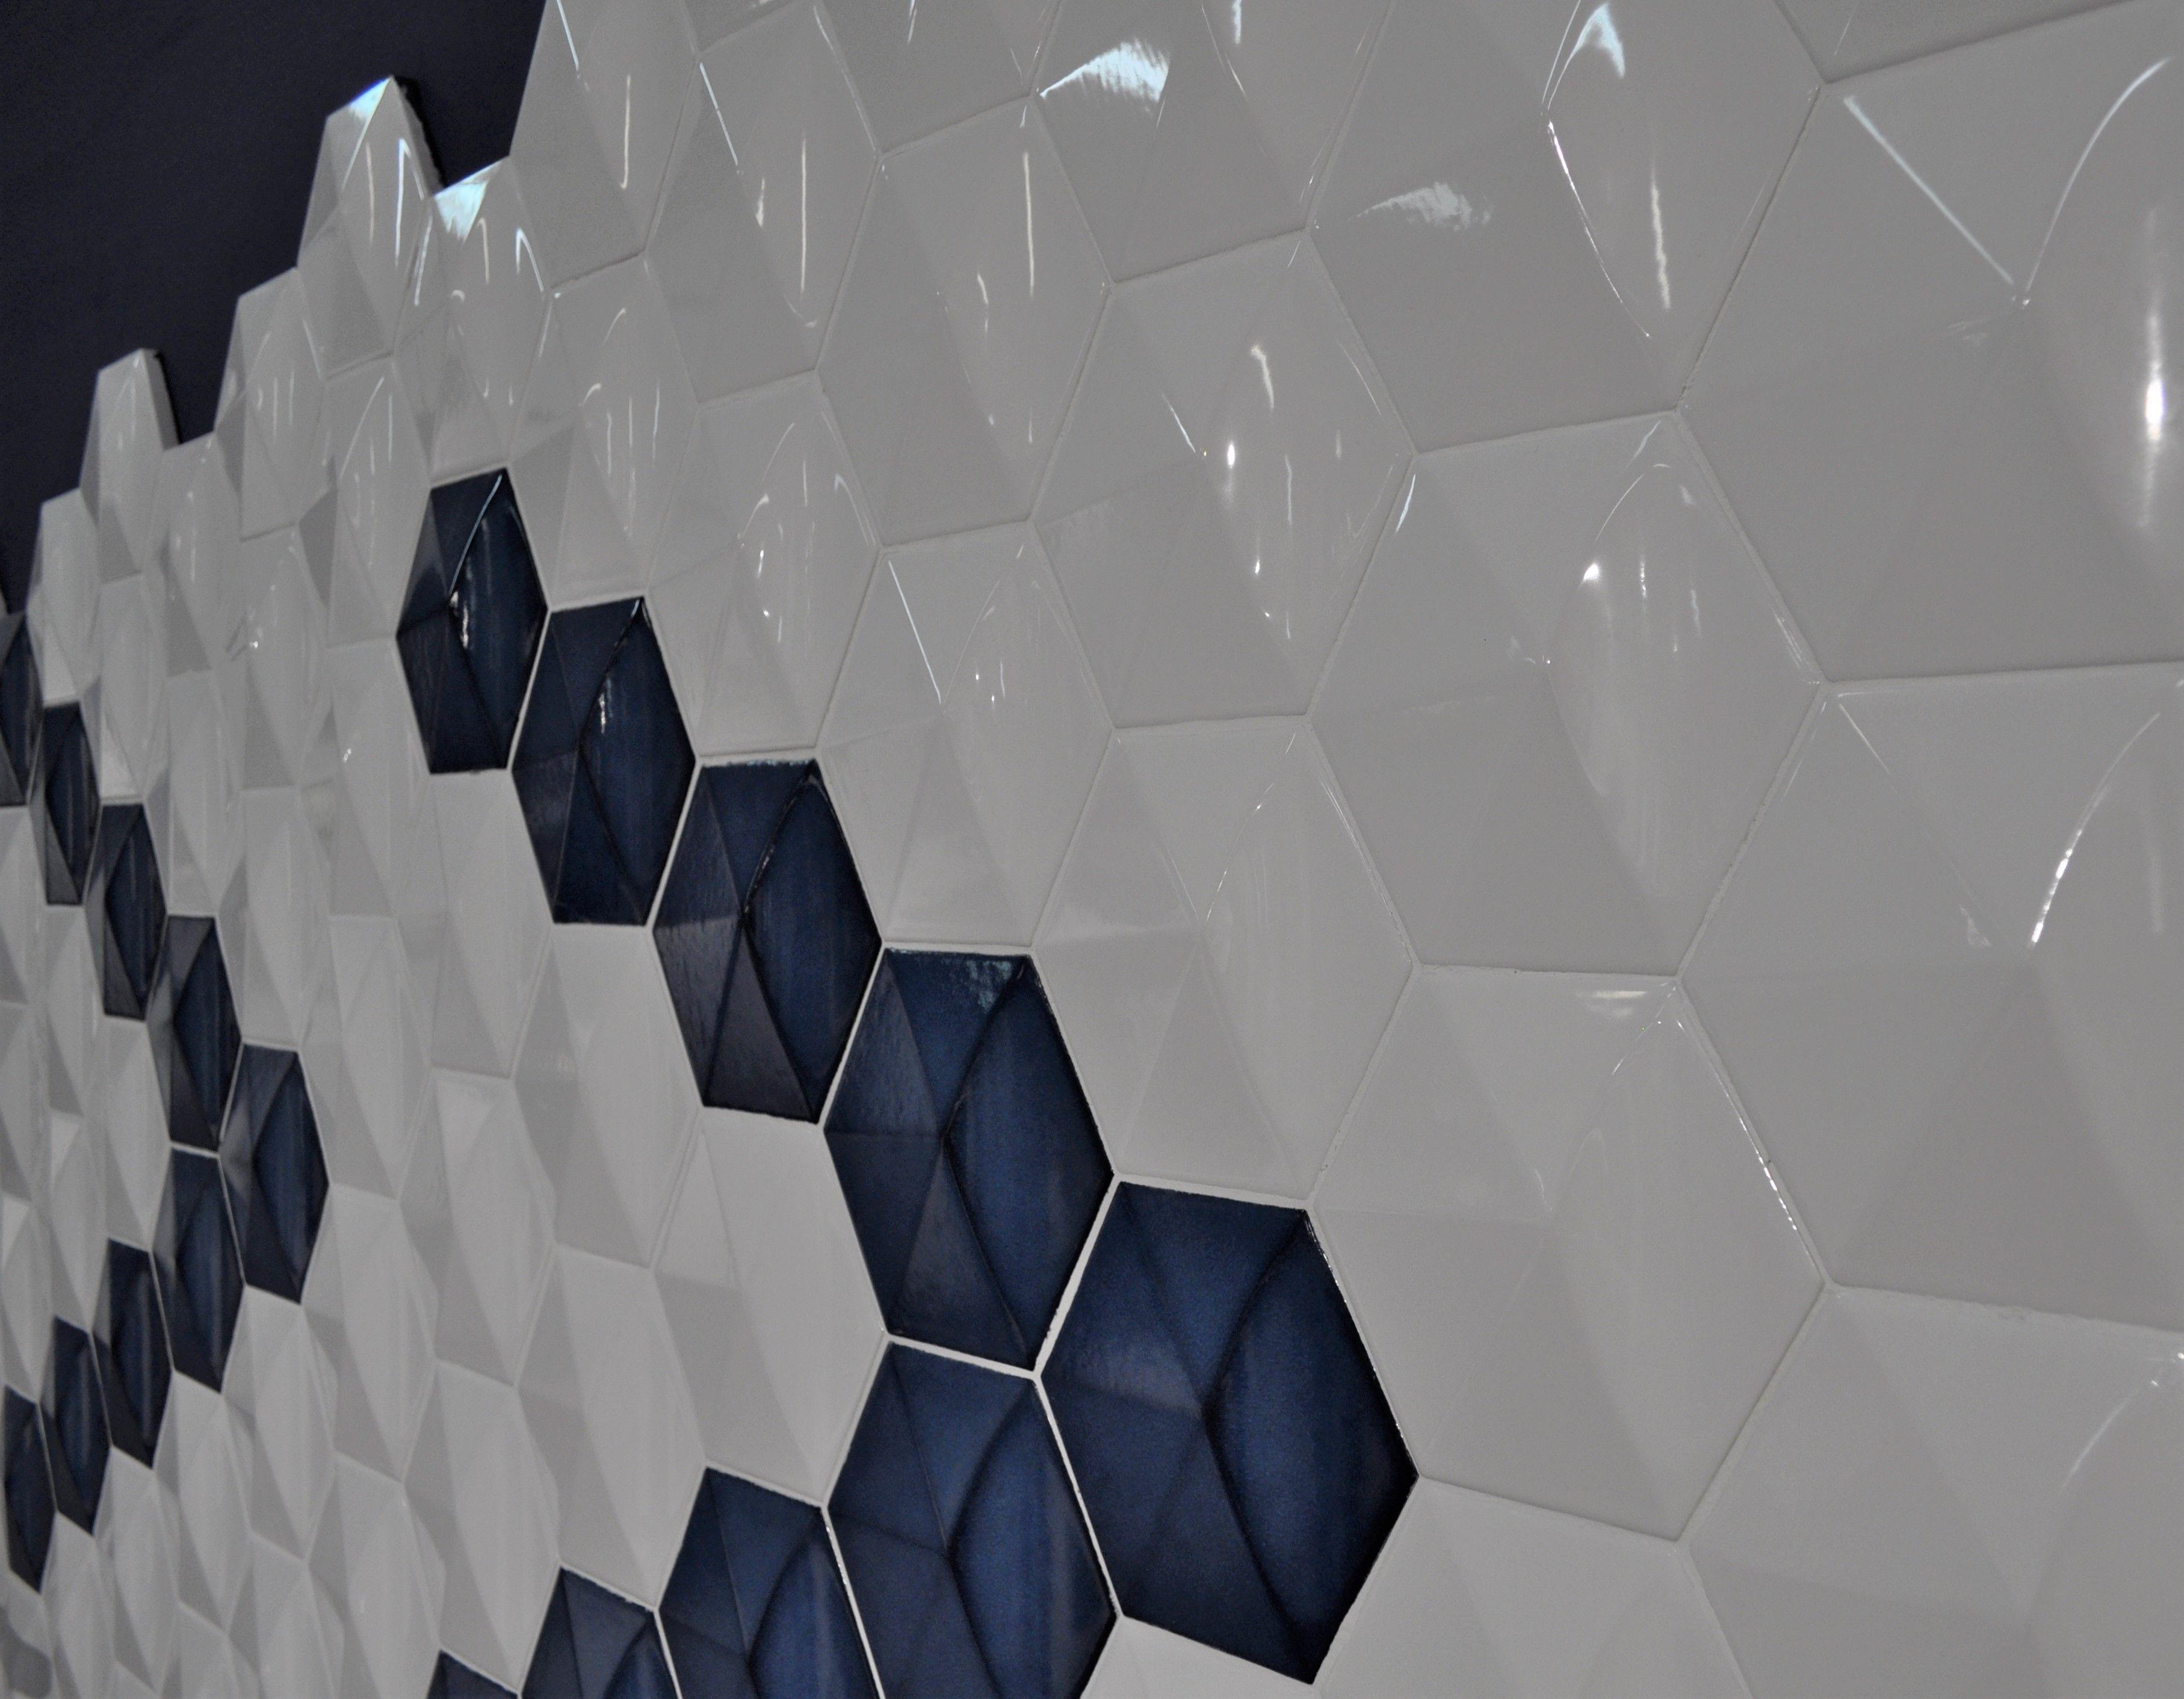 Esta Composicion De Azulejo En Relieve Y Combinado En Blanco Y